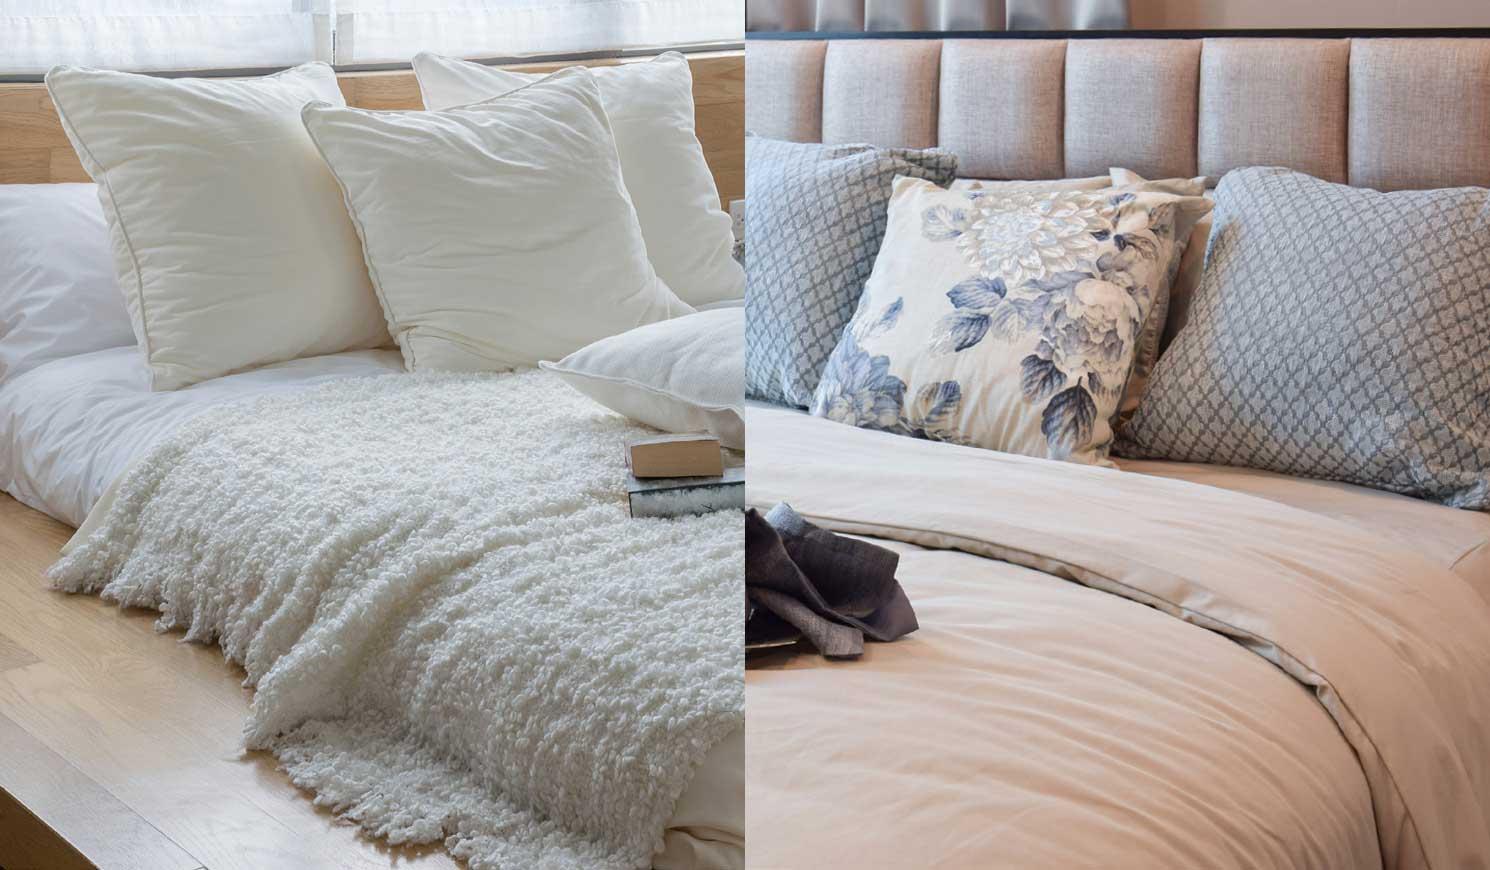 PLATFORM BED VS. TRADITIONAL BED